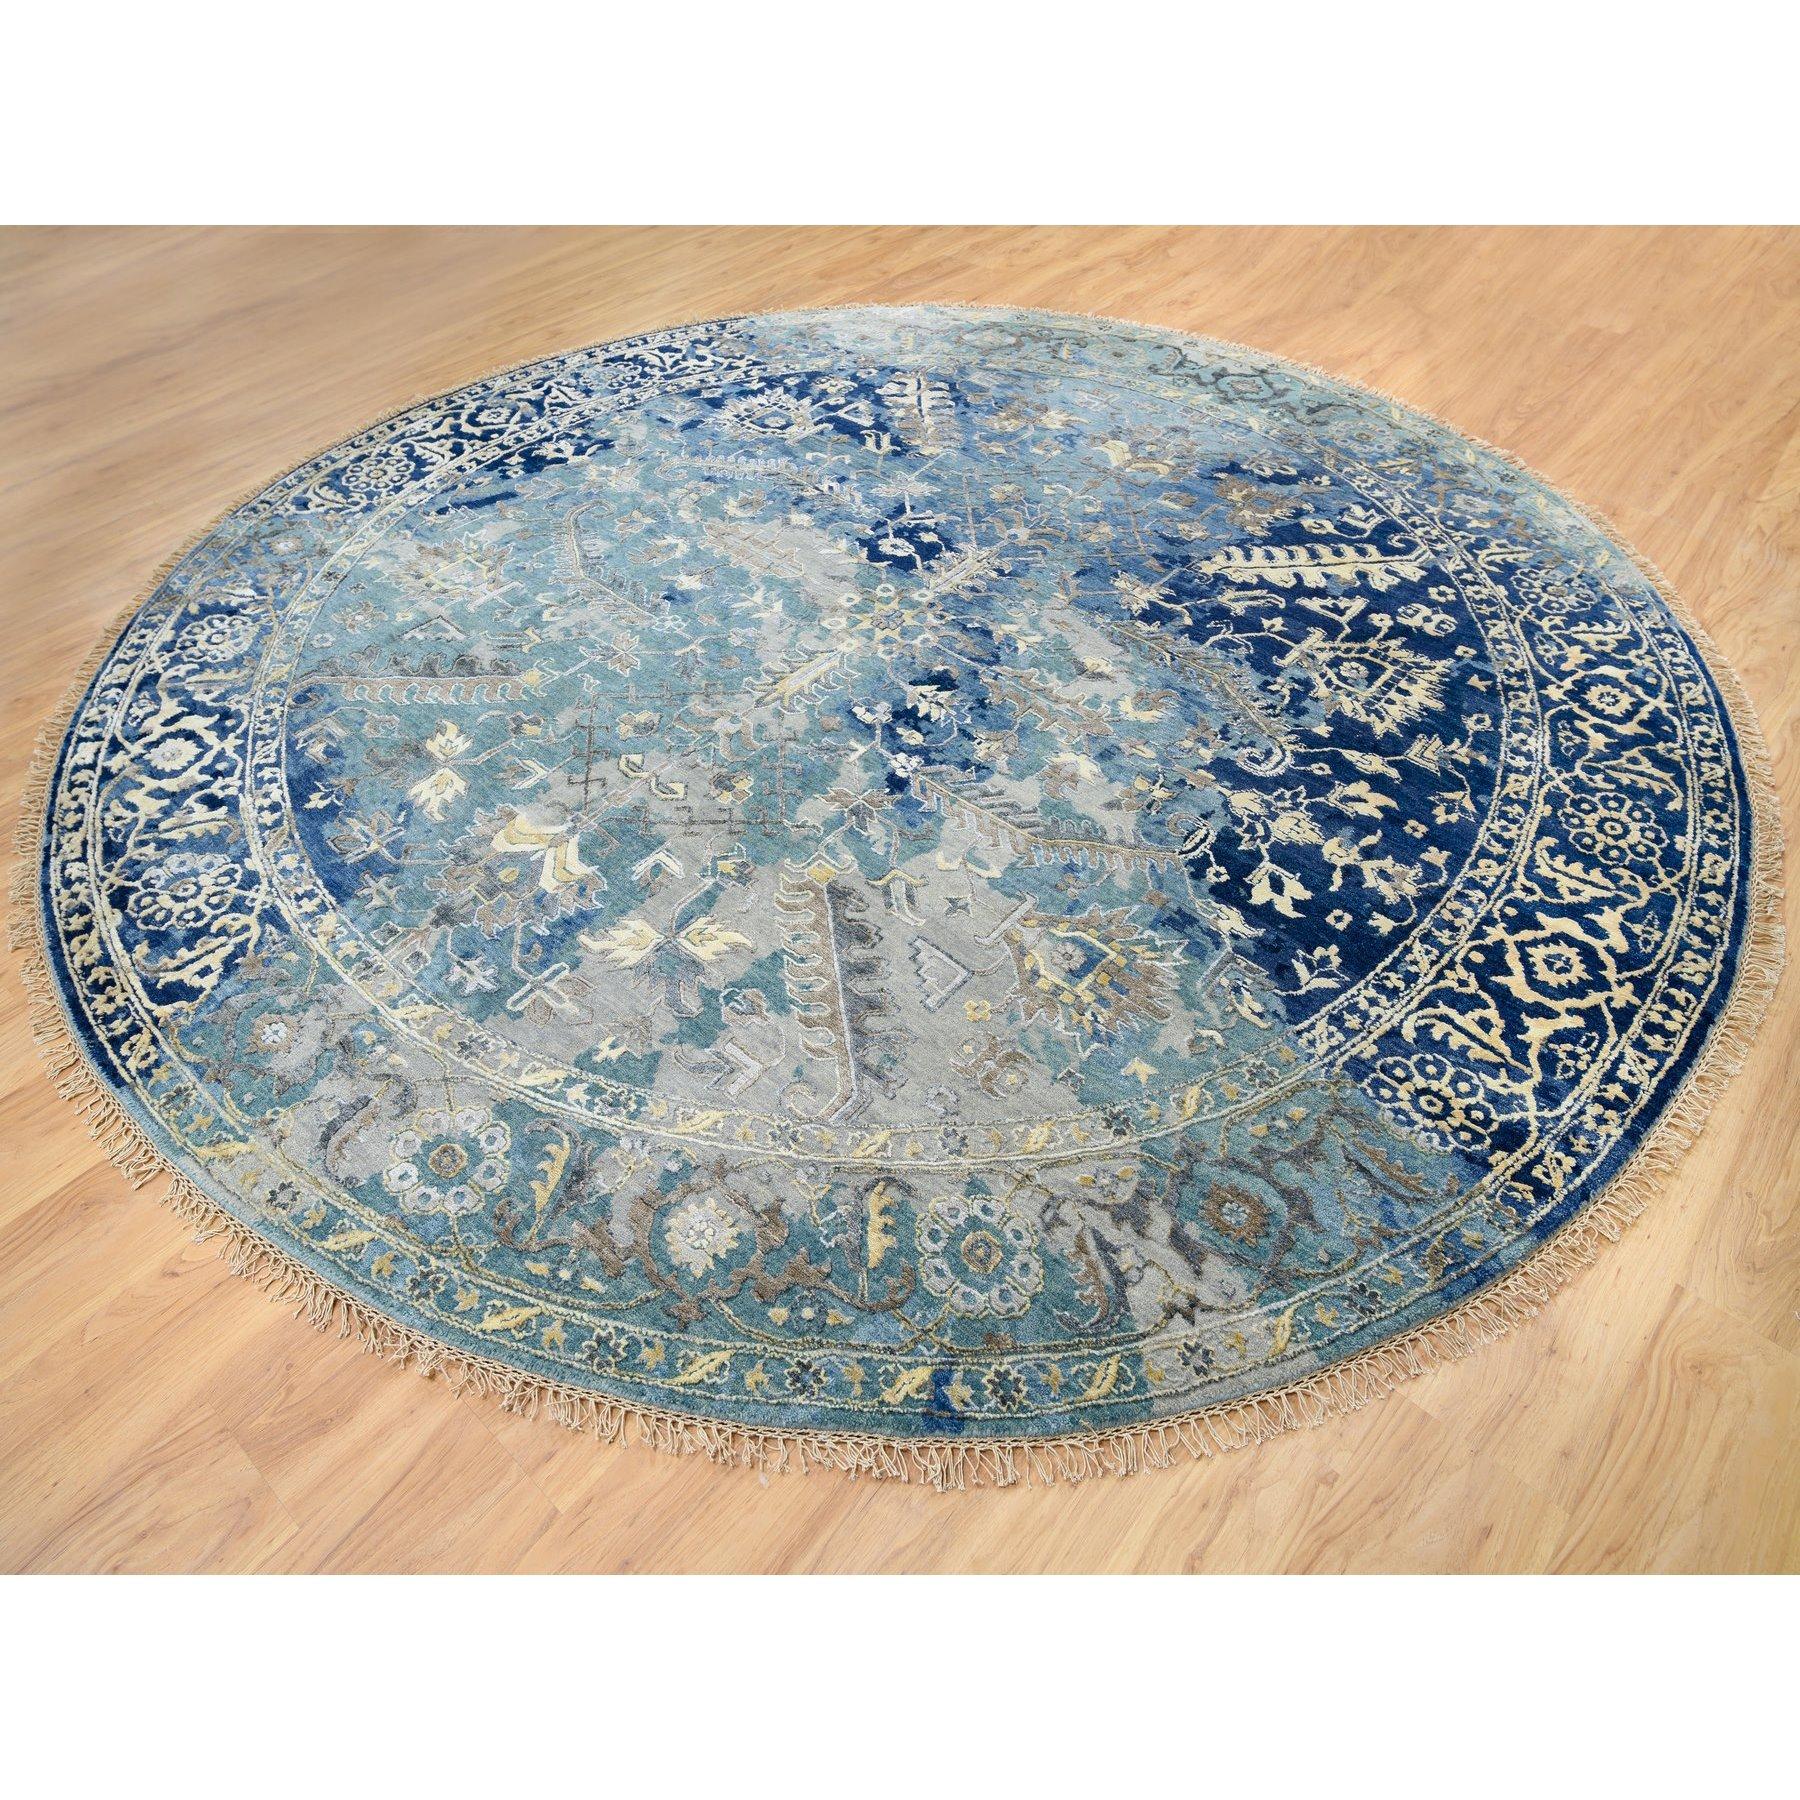 """9'10""""x9'10"""" Navy Blue Erased Design Wool and Silk Broken Persian Tabriz Hand Knotted Oriental Round Rug"""